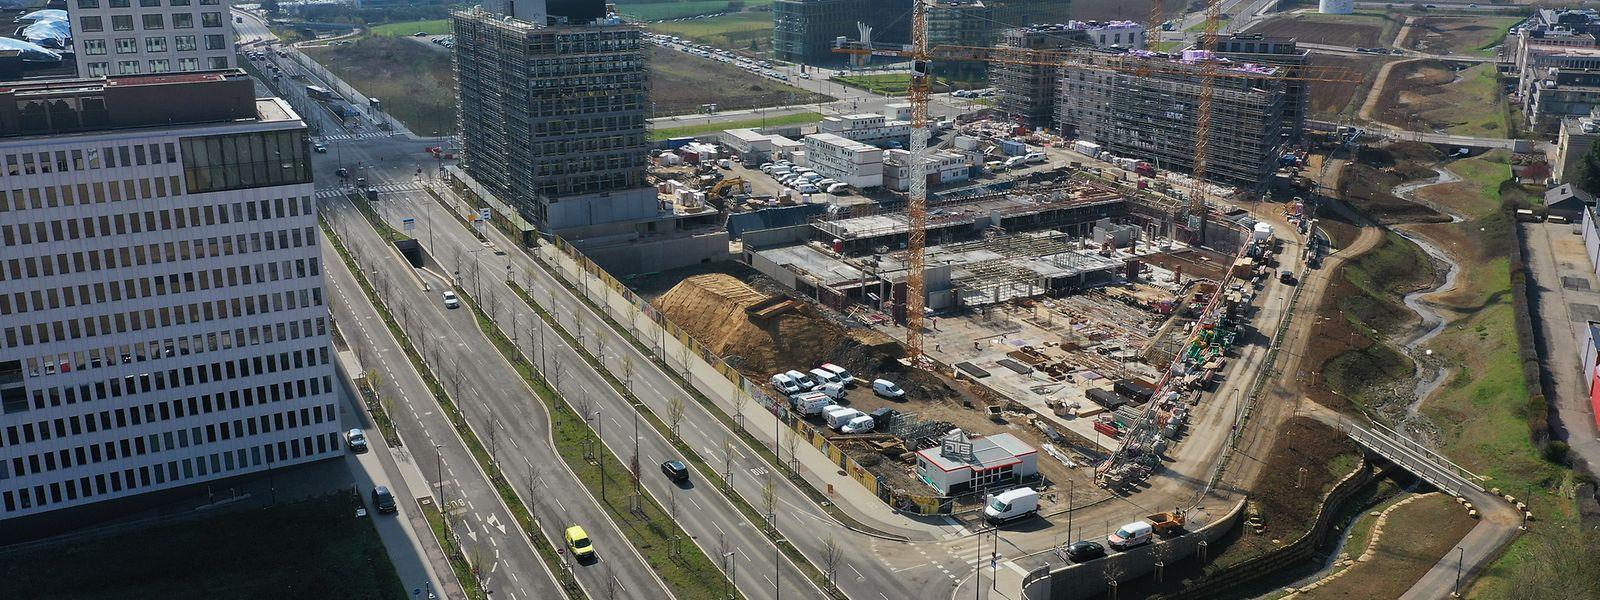 Es wird fleißig gebaut im Ban de Gasperich.